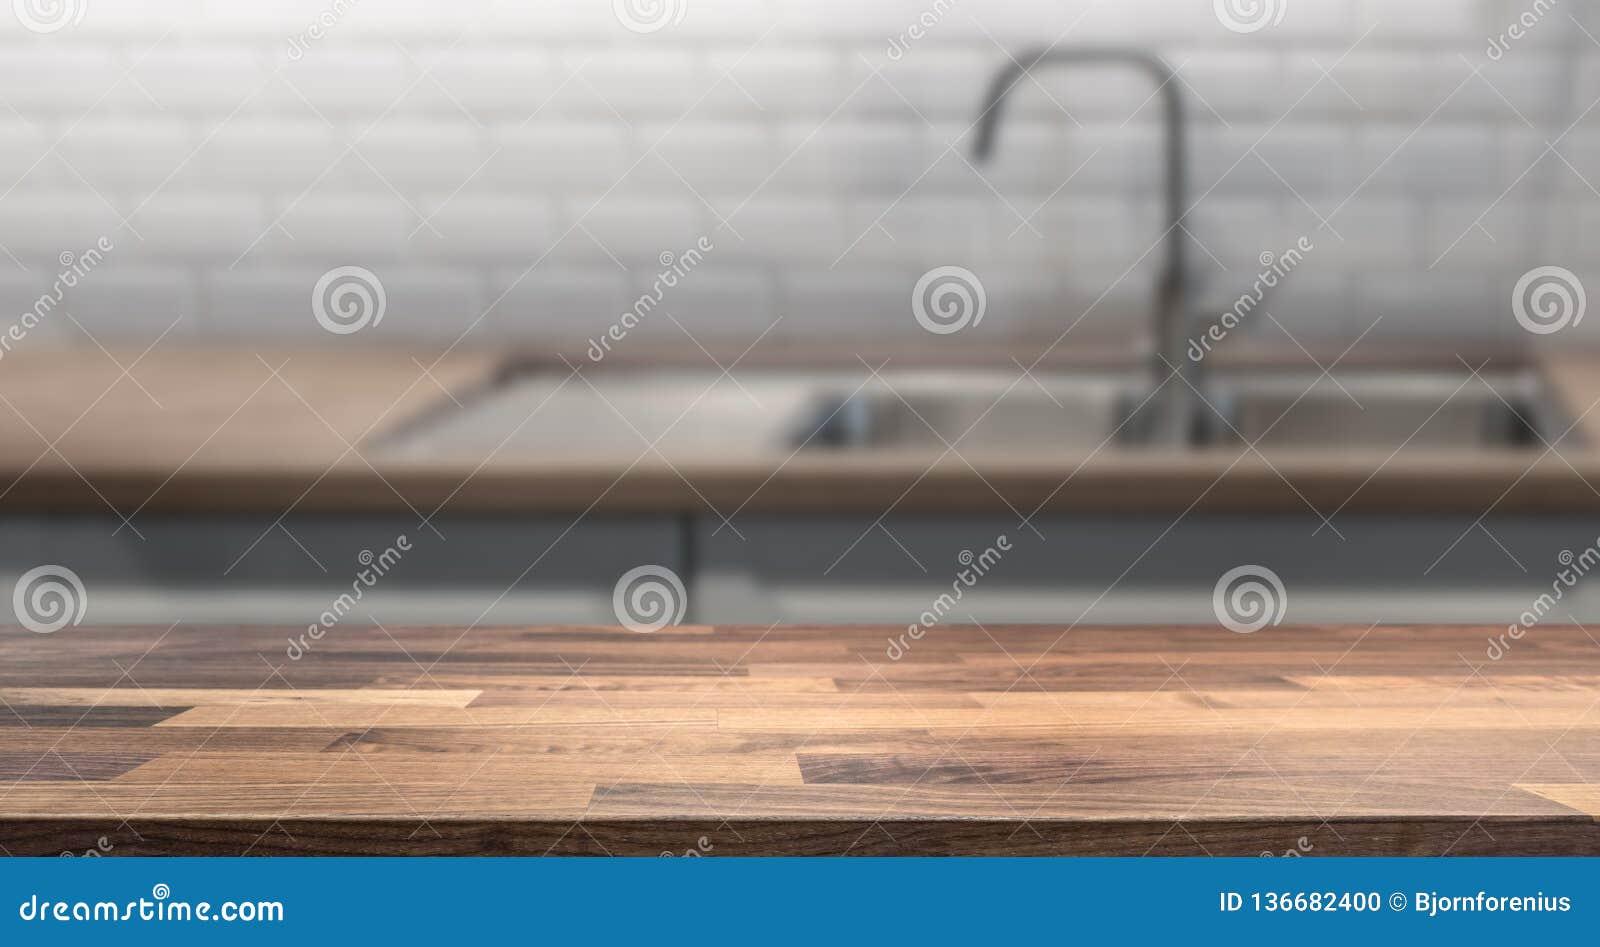 Νησί κουζινών με την ξύλινη επιτραπέζια κορυφή για το montage επίδειξης προϊόντων